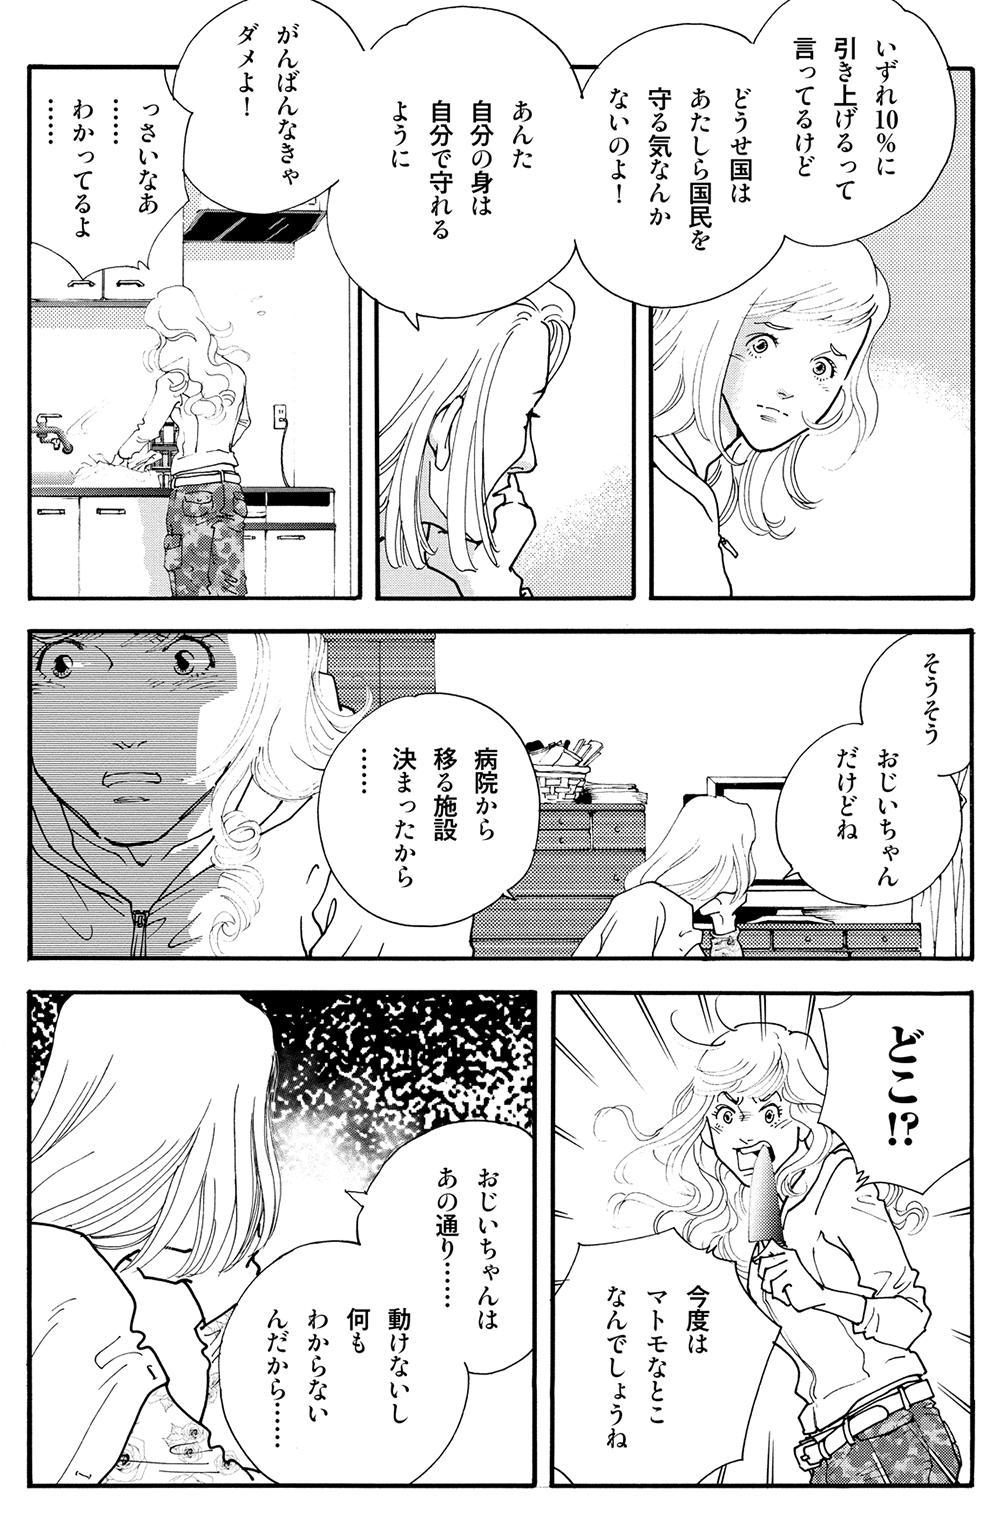 ヘルプマン!! 第1話「フリー介護士現る!」help1-12.jpg